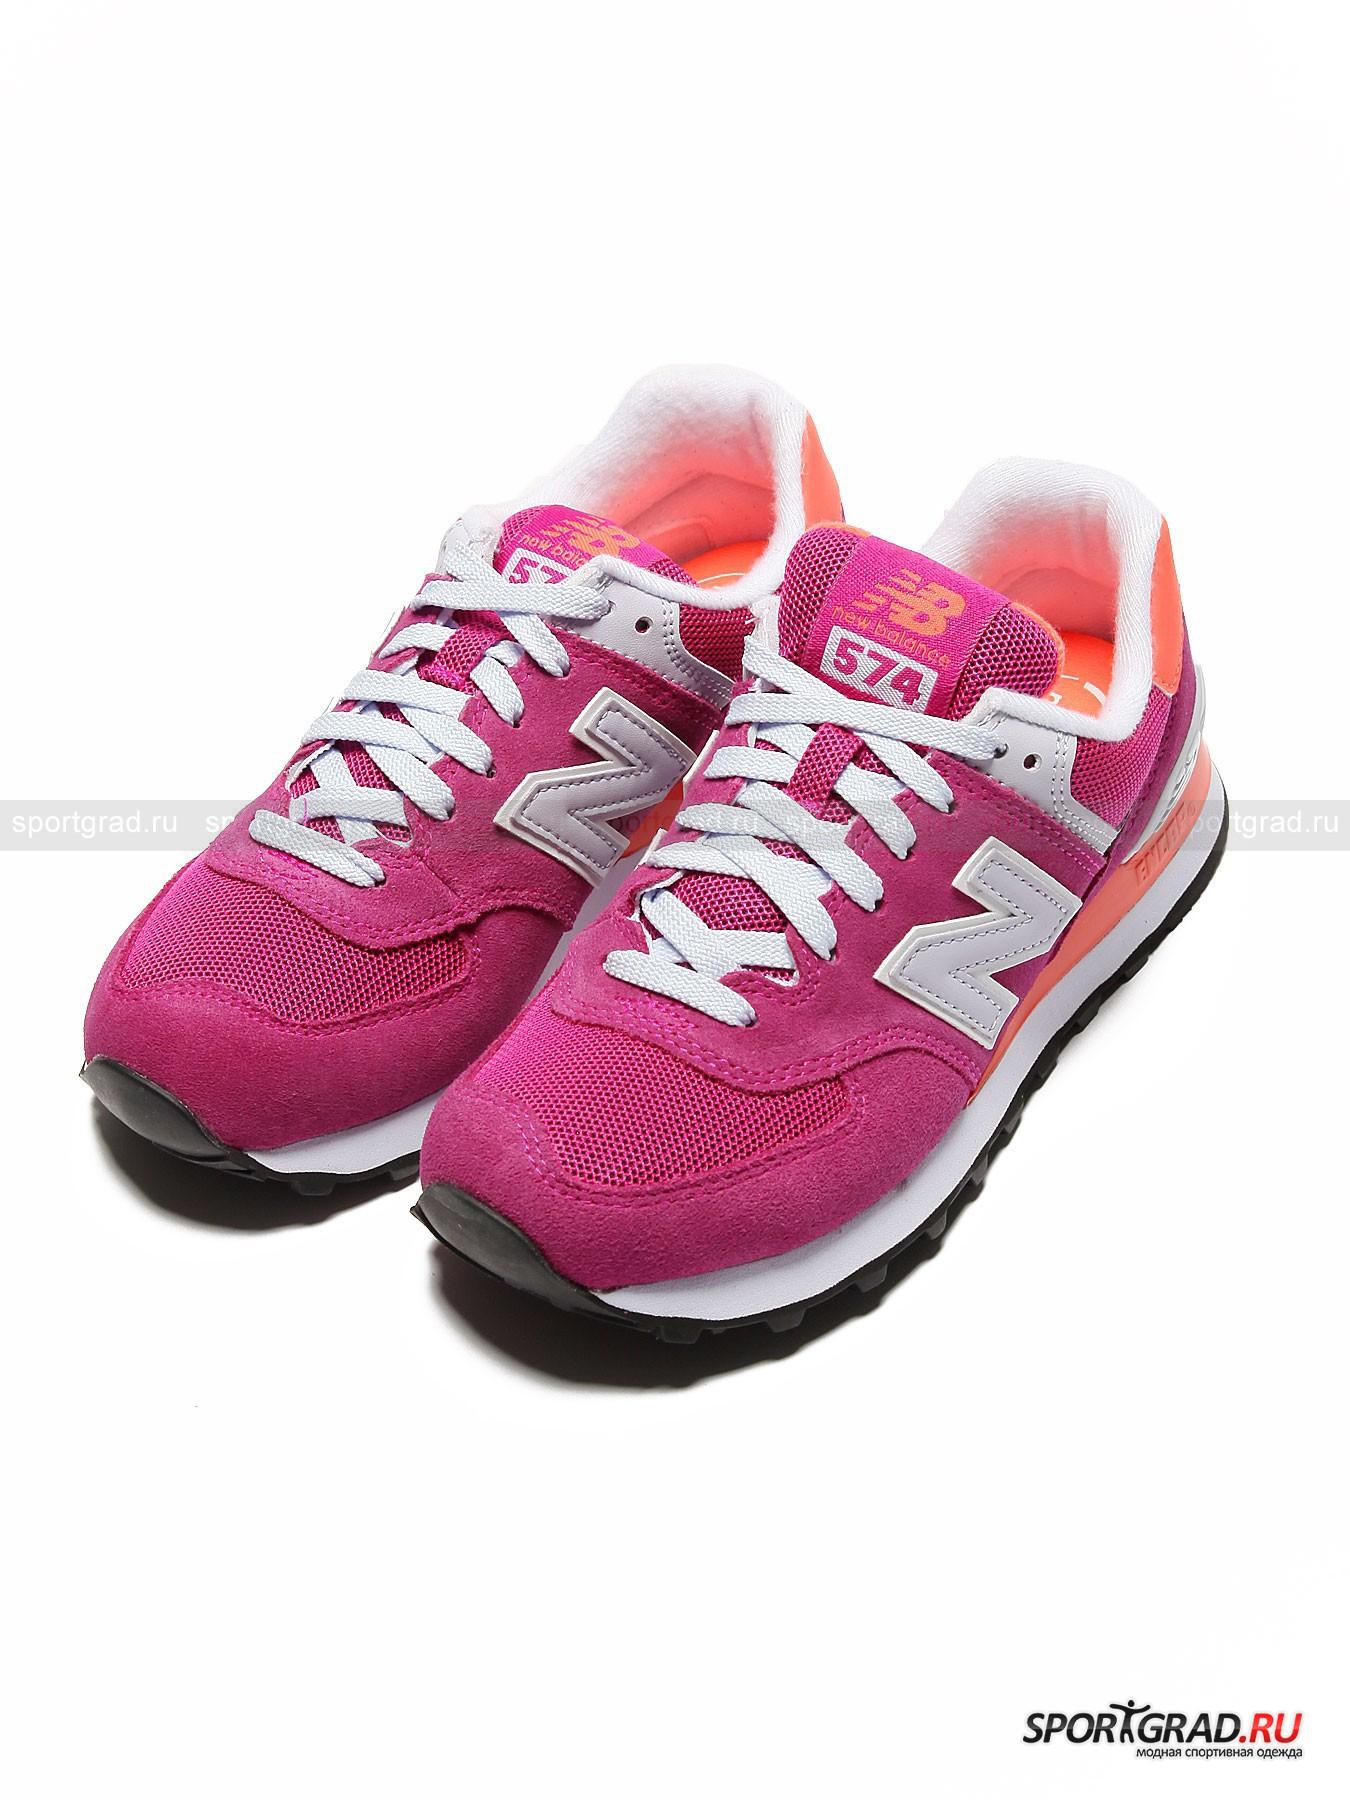 Кроссовки женские 574 NEW BALANCEКроссовки<br>Популярная модель кроссовок 574 New Balance в яркой розово-оранжевой расцветке – отличный выбор и для спорта, и для повседневной носки. Интересный союз сетчатого текстиля, натуральной замши и кожи делает эту обувь универсальным вариантом для любого случая.<br><br>Кроссовки не только красивые, но и функциональные: технология Encap – особый слой между основной частью  и подошвой – позволяет добиться максимальной амортизации и правильной поддержки стопы. Подошва  EVA гарантирует комфорт шага.<br><br>Особенности  модели:<br>- съемная вентилируемая стелька;<br>- внутри бархатистая на ощупь подкладка;<br>- мягкий задник;<br>- усиленная пятка и носок.<br><br>Пол: Женский<br>Возраст: Взрослый<br>Тип: Кроссовки<br>Рекомендации по уходу: Мыть прохладной водой. Не стирать в стиральной машине.<br>Состав: Материал верха: замша, текстиль, кожа.